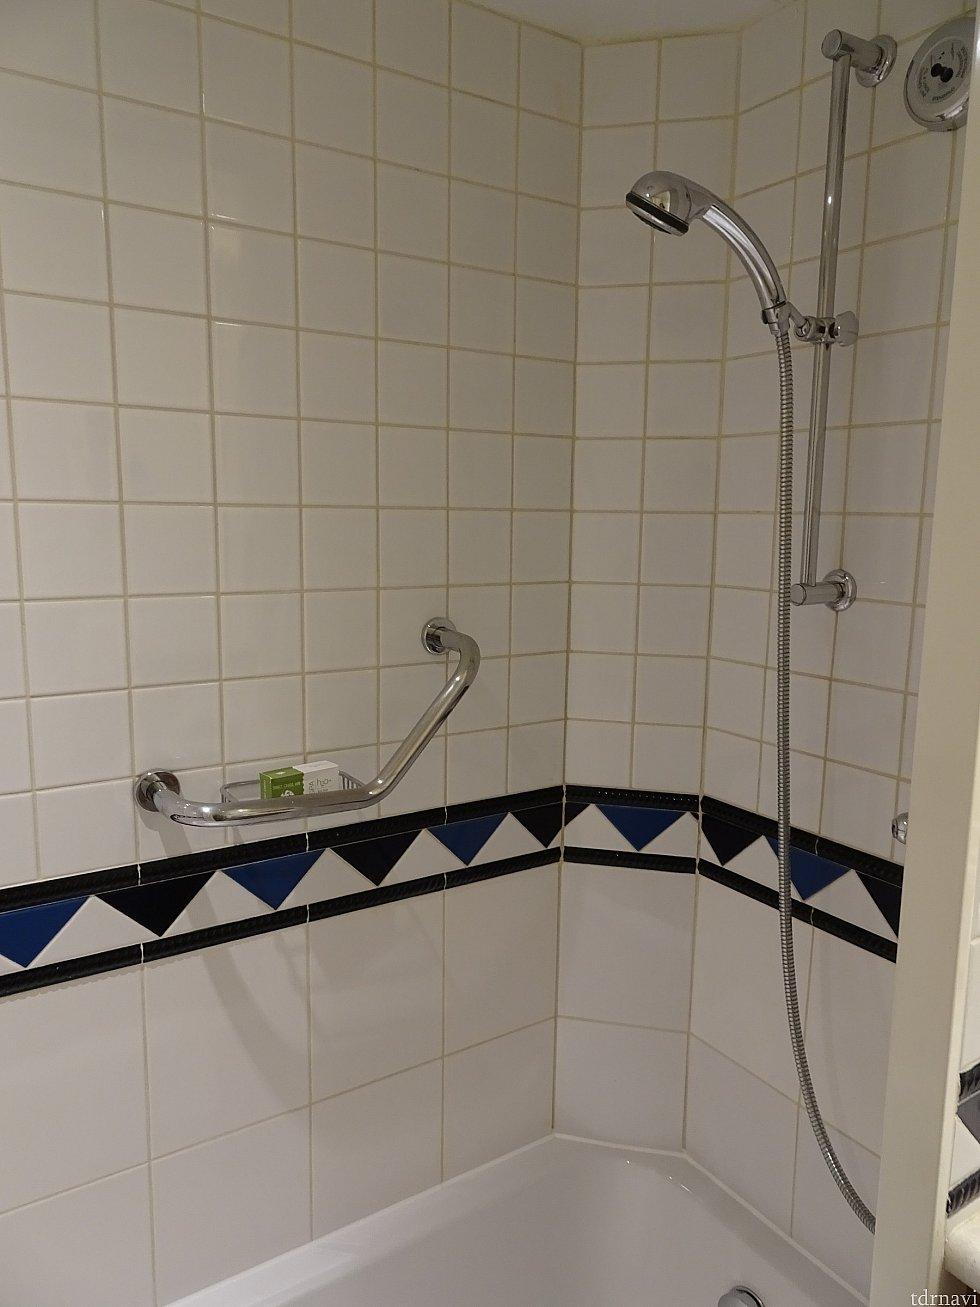 シャワーとバスタブです。 浅いですがお湯を溜めて入れました。